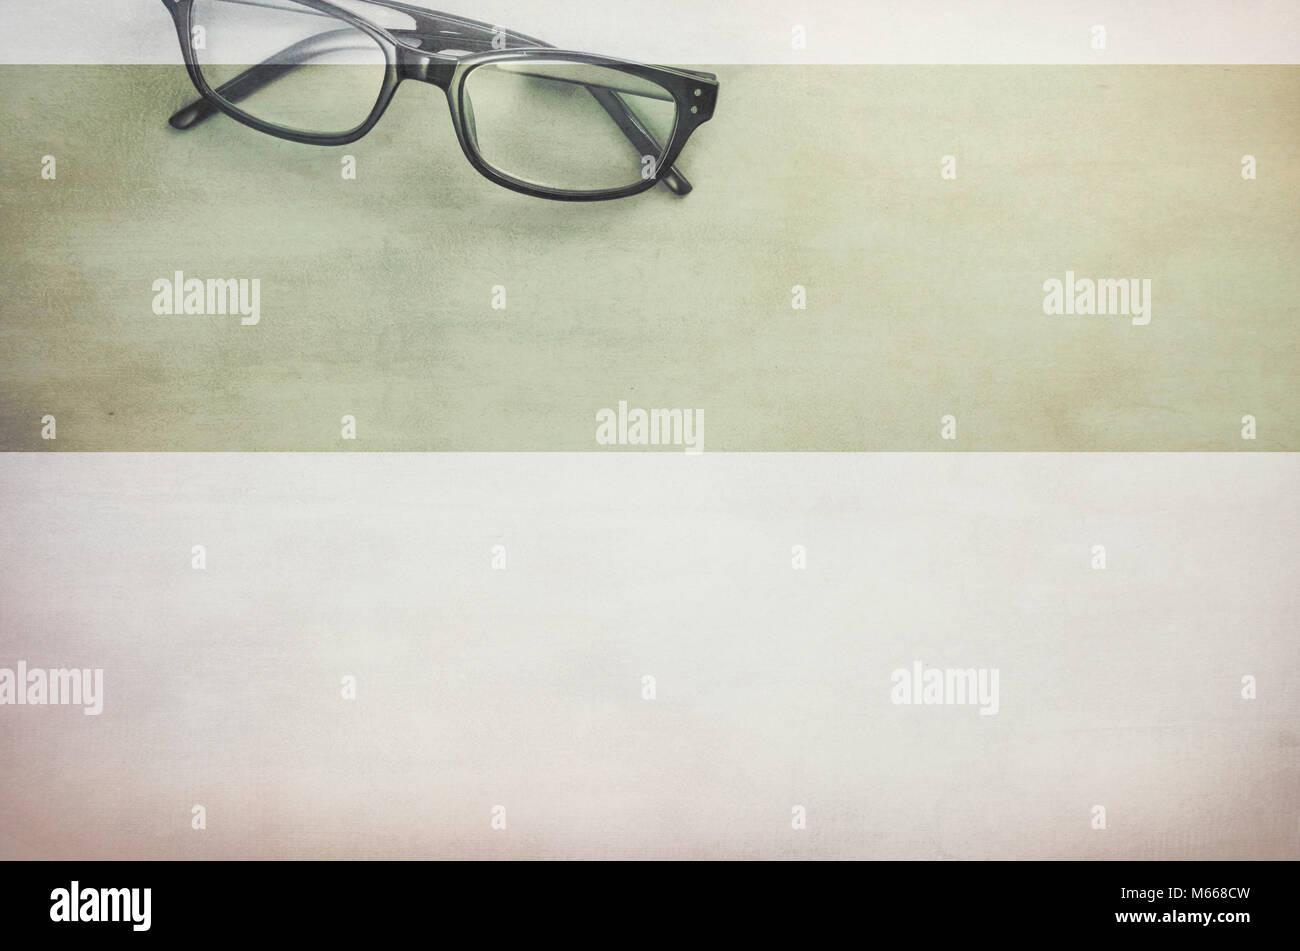 Coppia di occhiali incorniciati su una leggera superficie testurizzata - direttamente al di sopra di Foto Stock